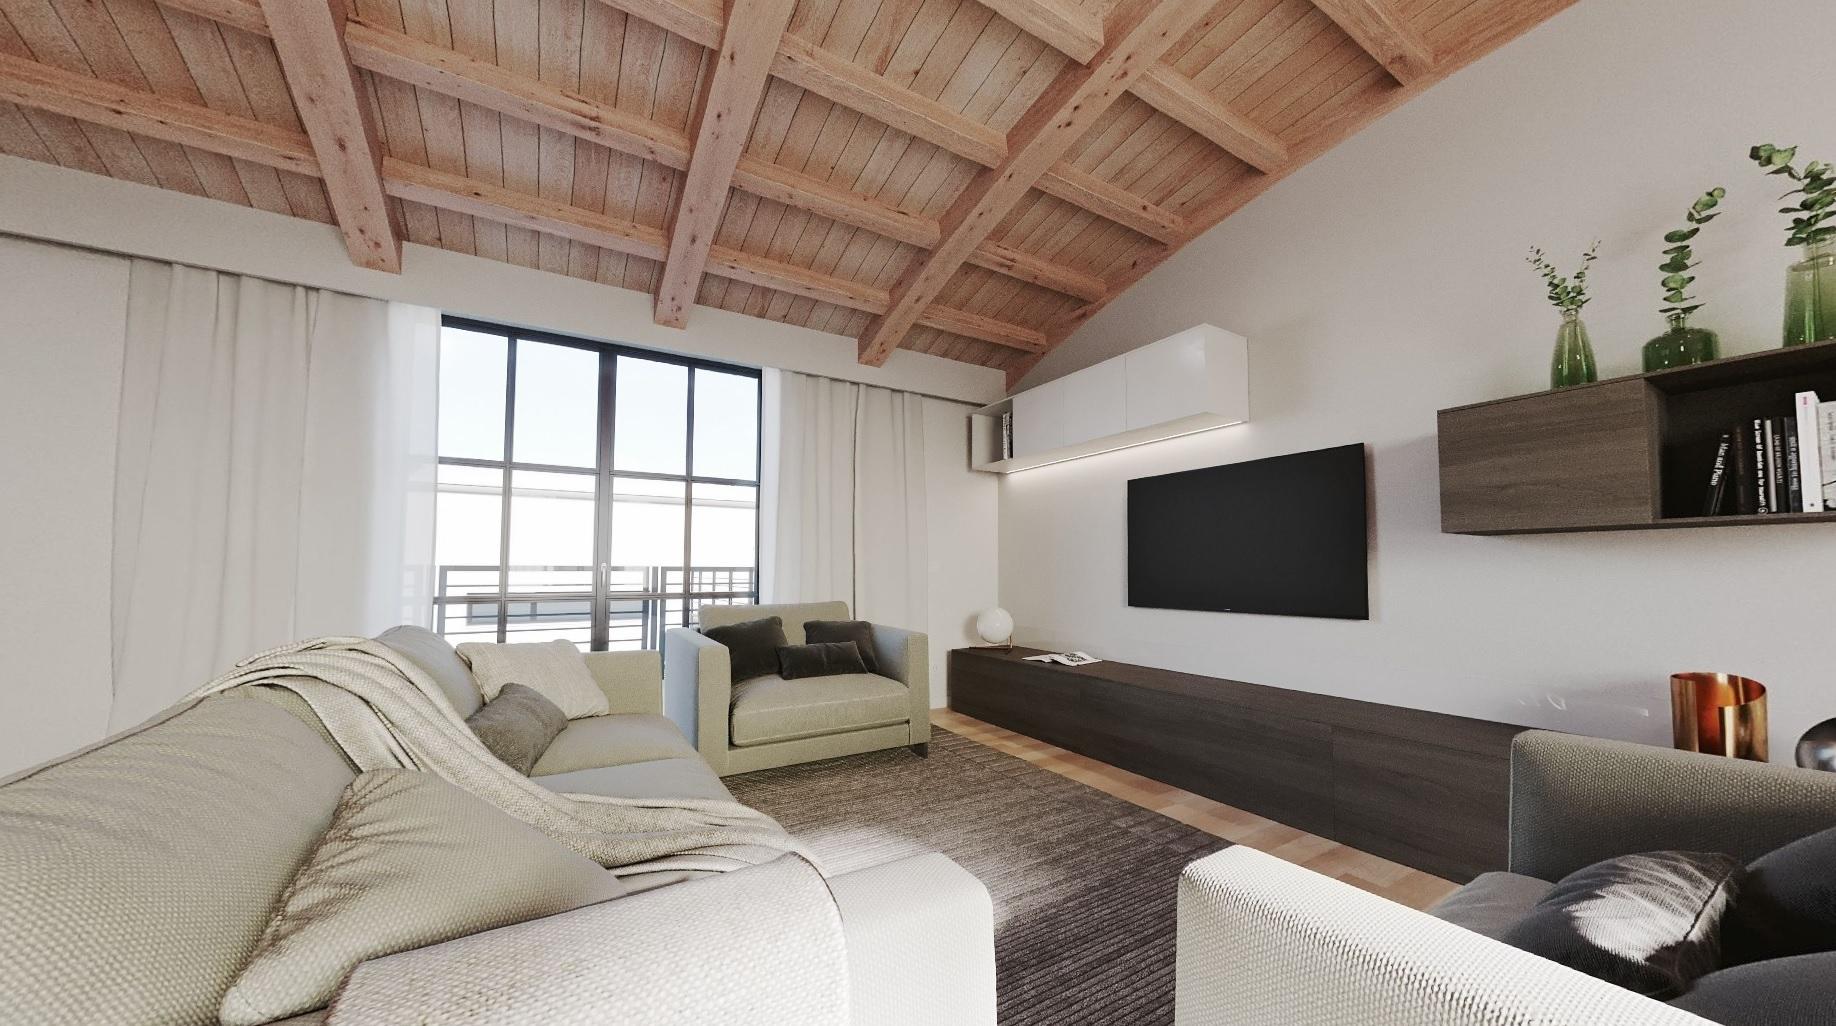 Appartamento in vendita a Trieste, 3 locali, zona Località: Zonedipregio, prezzo € 420.000 | CambioCasa.it